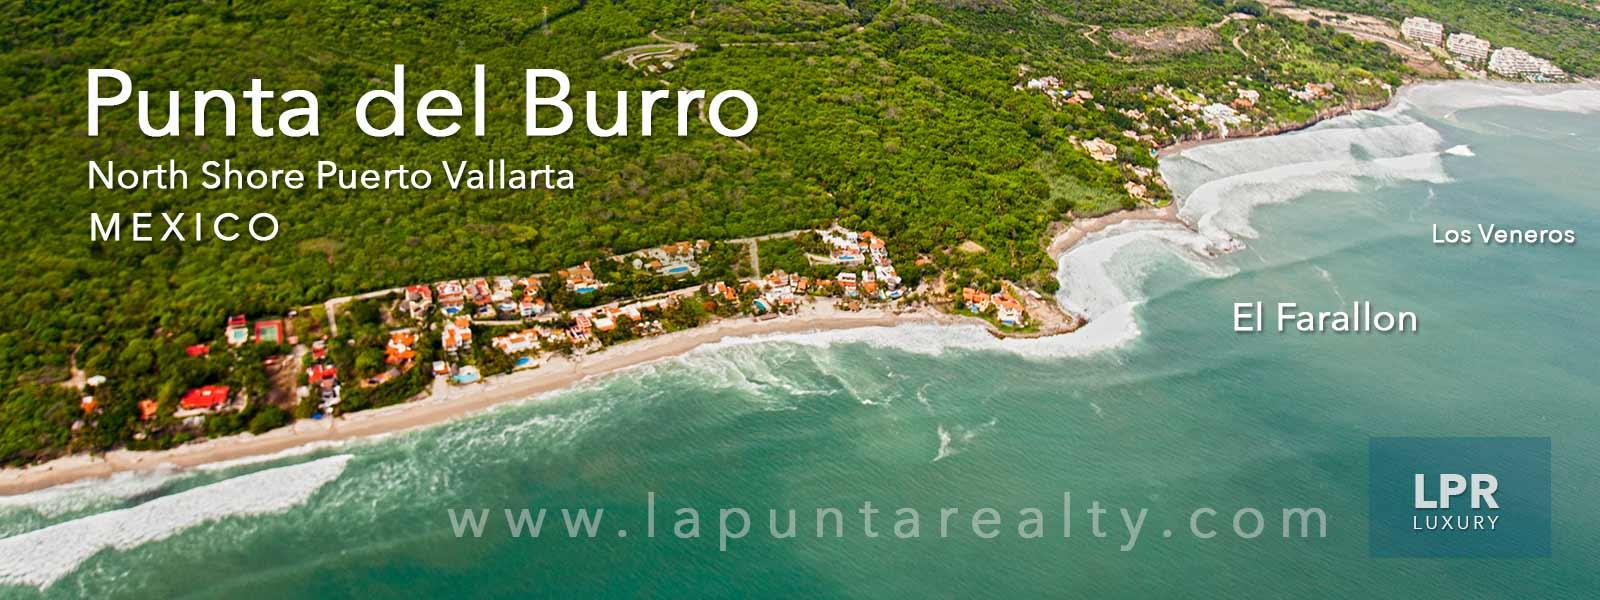 Punta del Burro - Luxury Punta de Mita Real Estate - Puerto Vallarta, Mexico